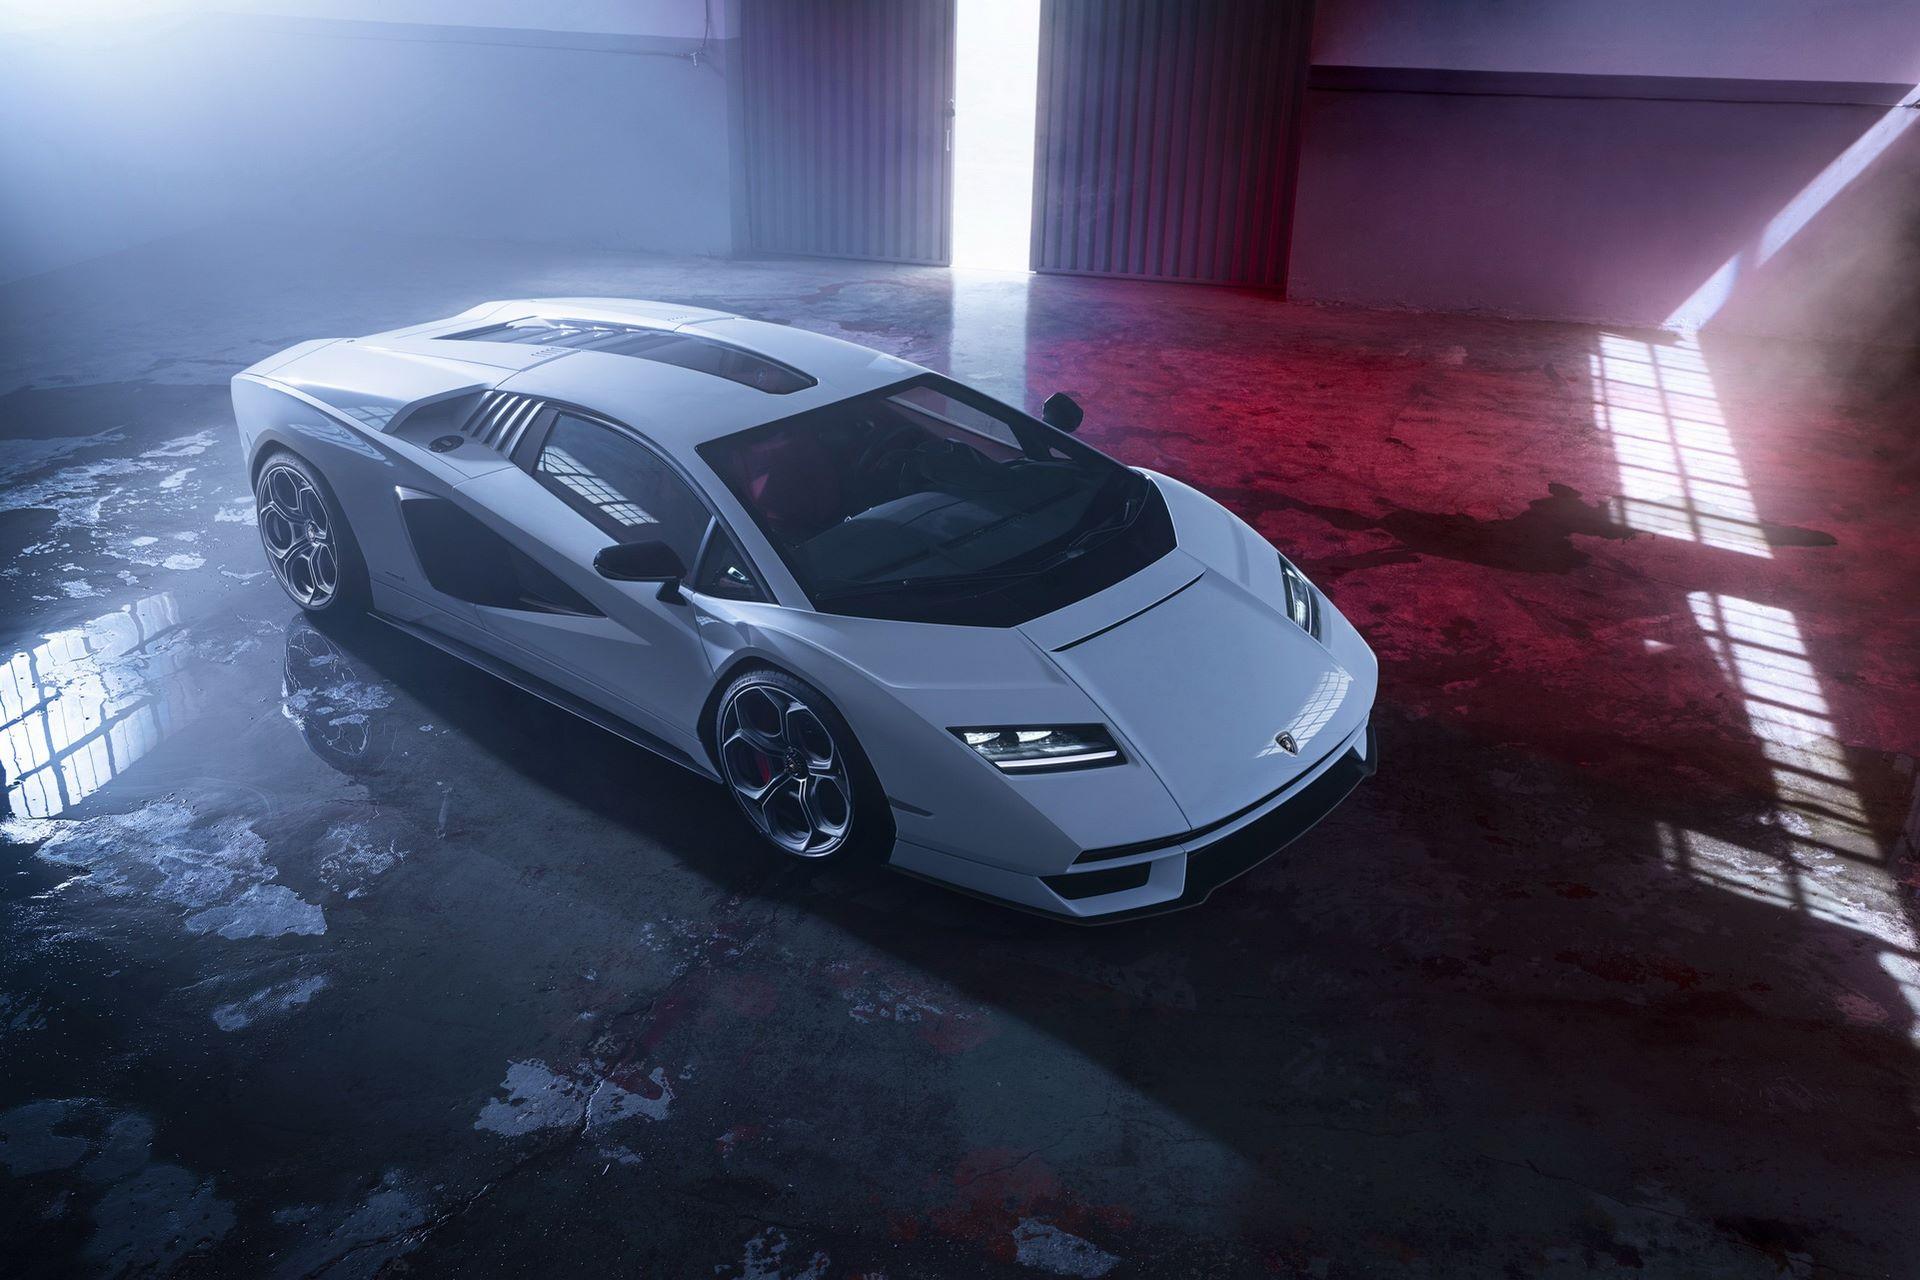 Lamborghini-Countach-LPI-800-4-87